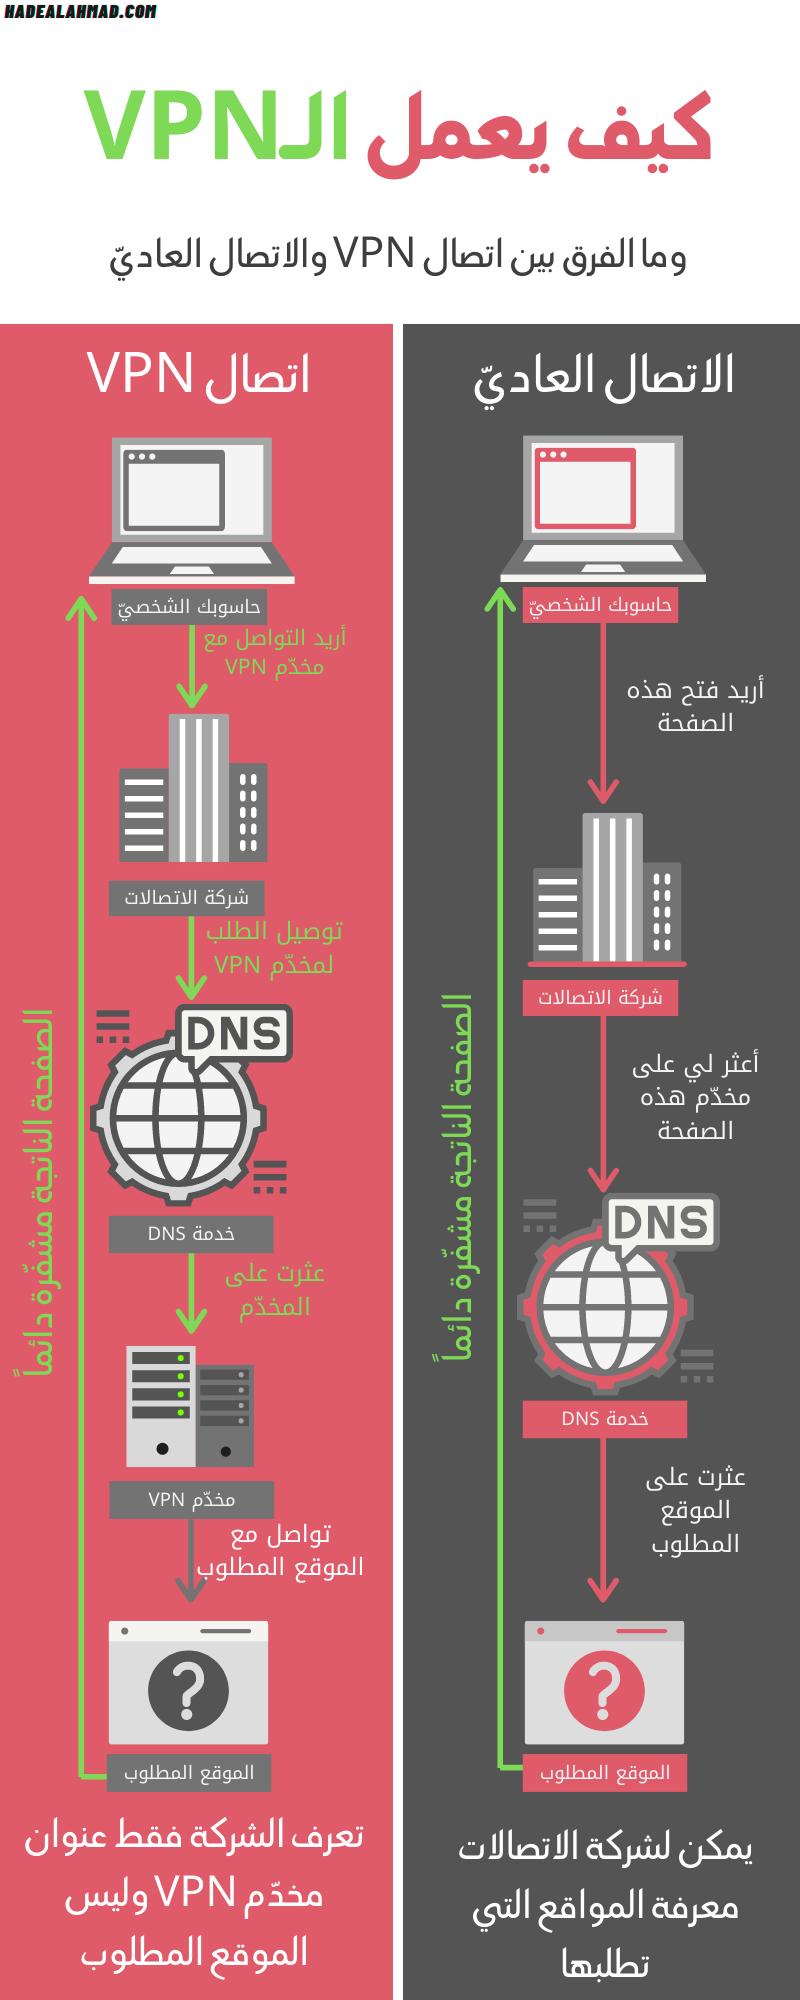 انفوغراف كيف يعمل الVPN